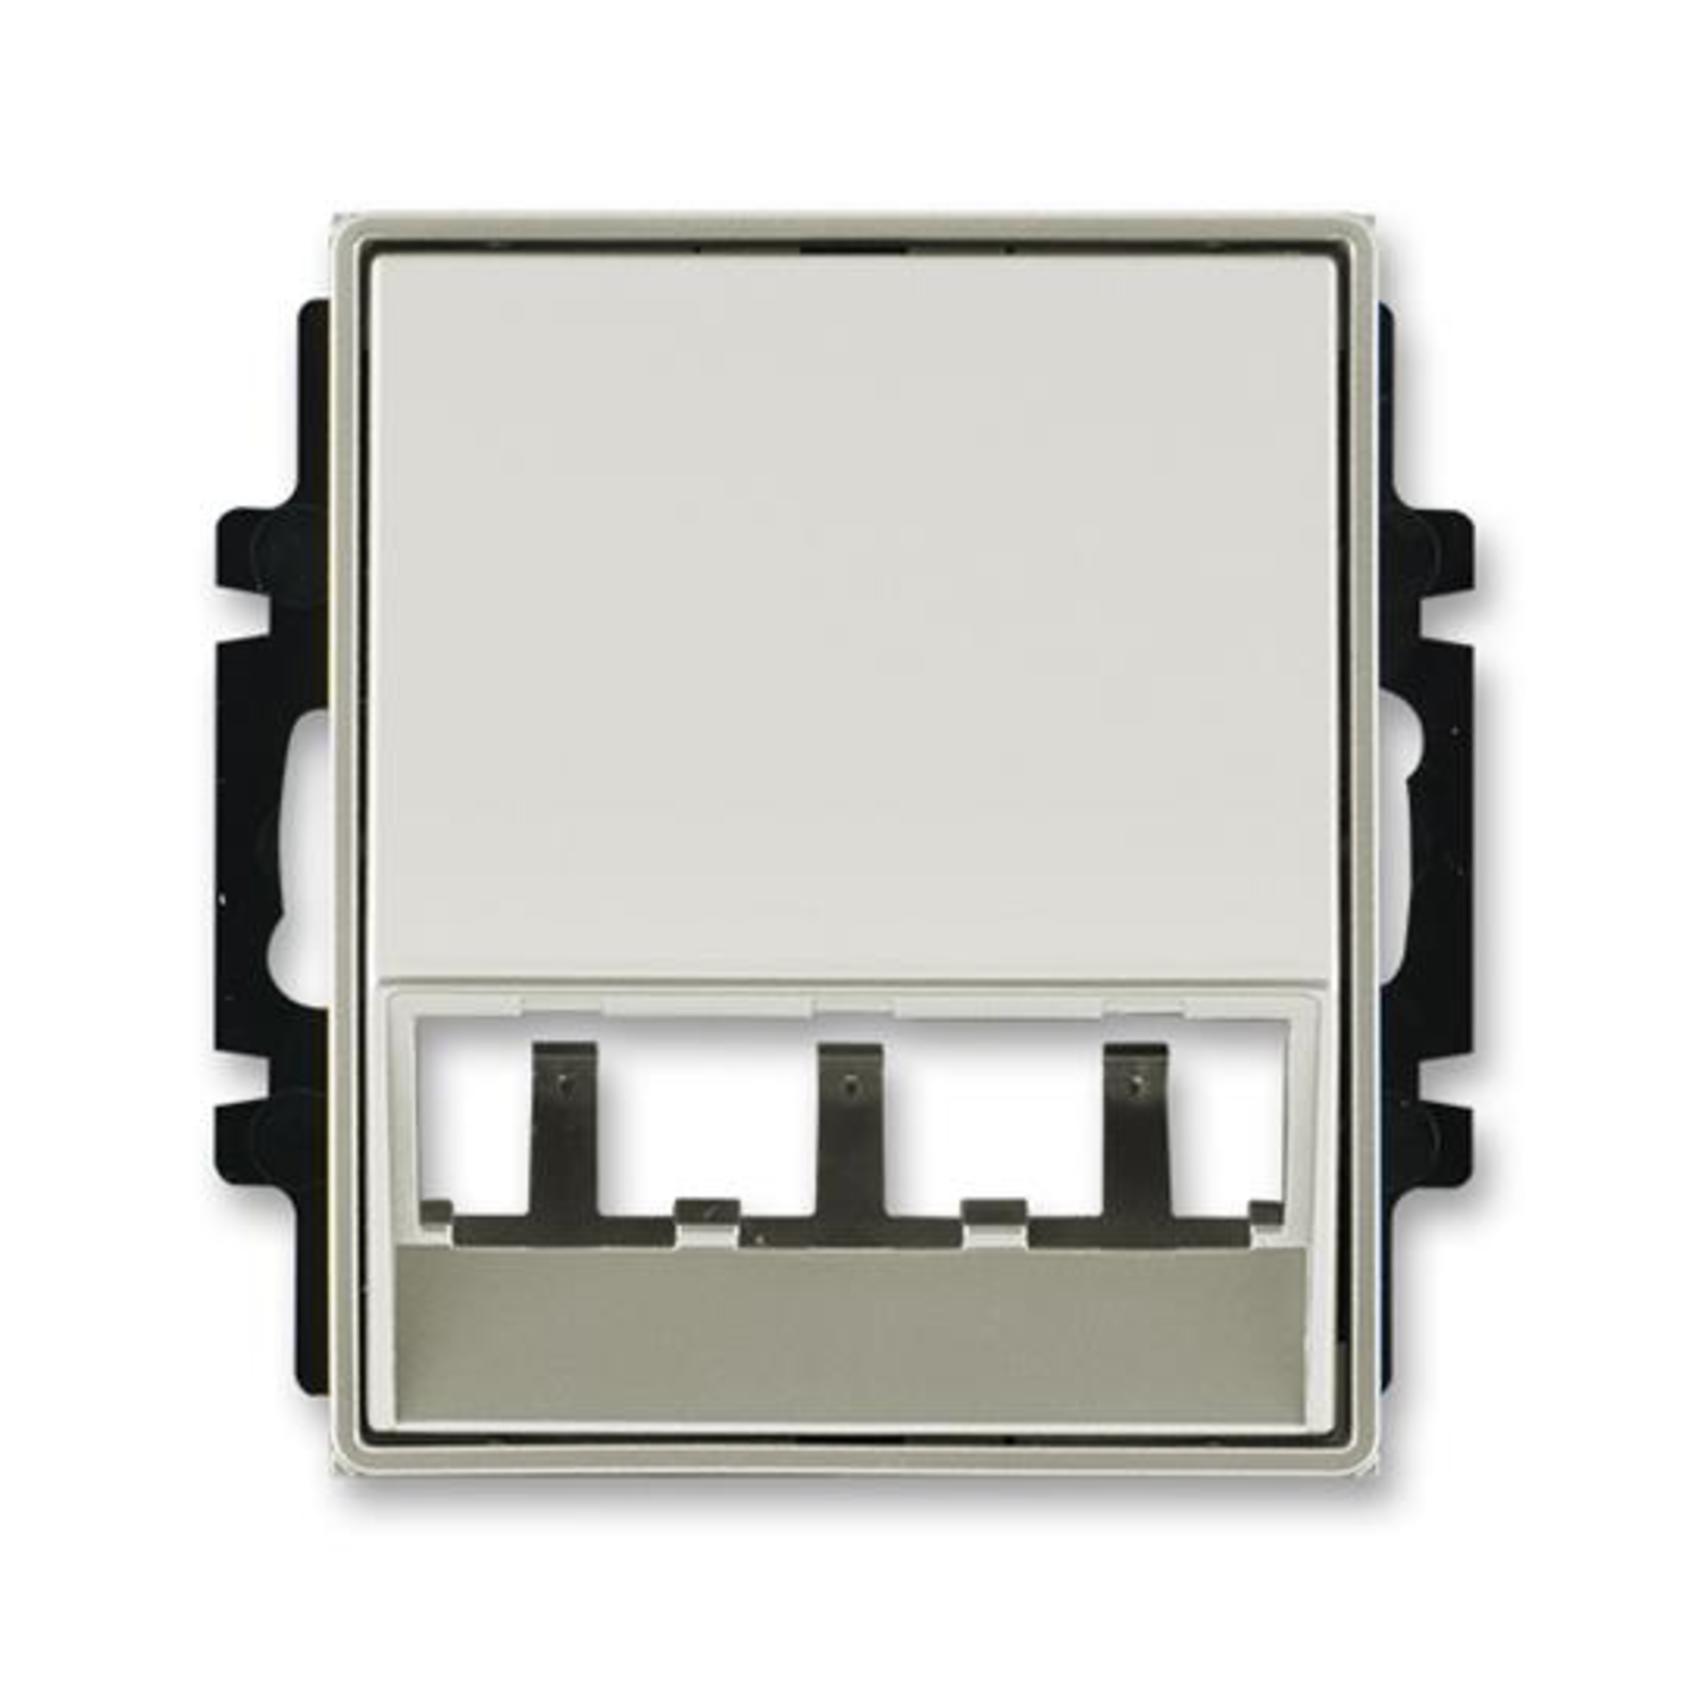 ABB 5014E-A00400 32 Time Kryt pro šikmé osvětlení s LED nebo pro prvky Panduit Mini-Com